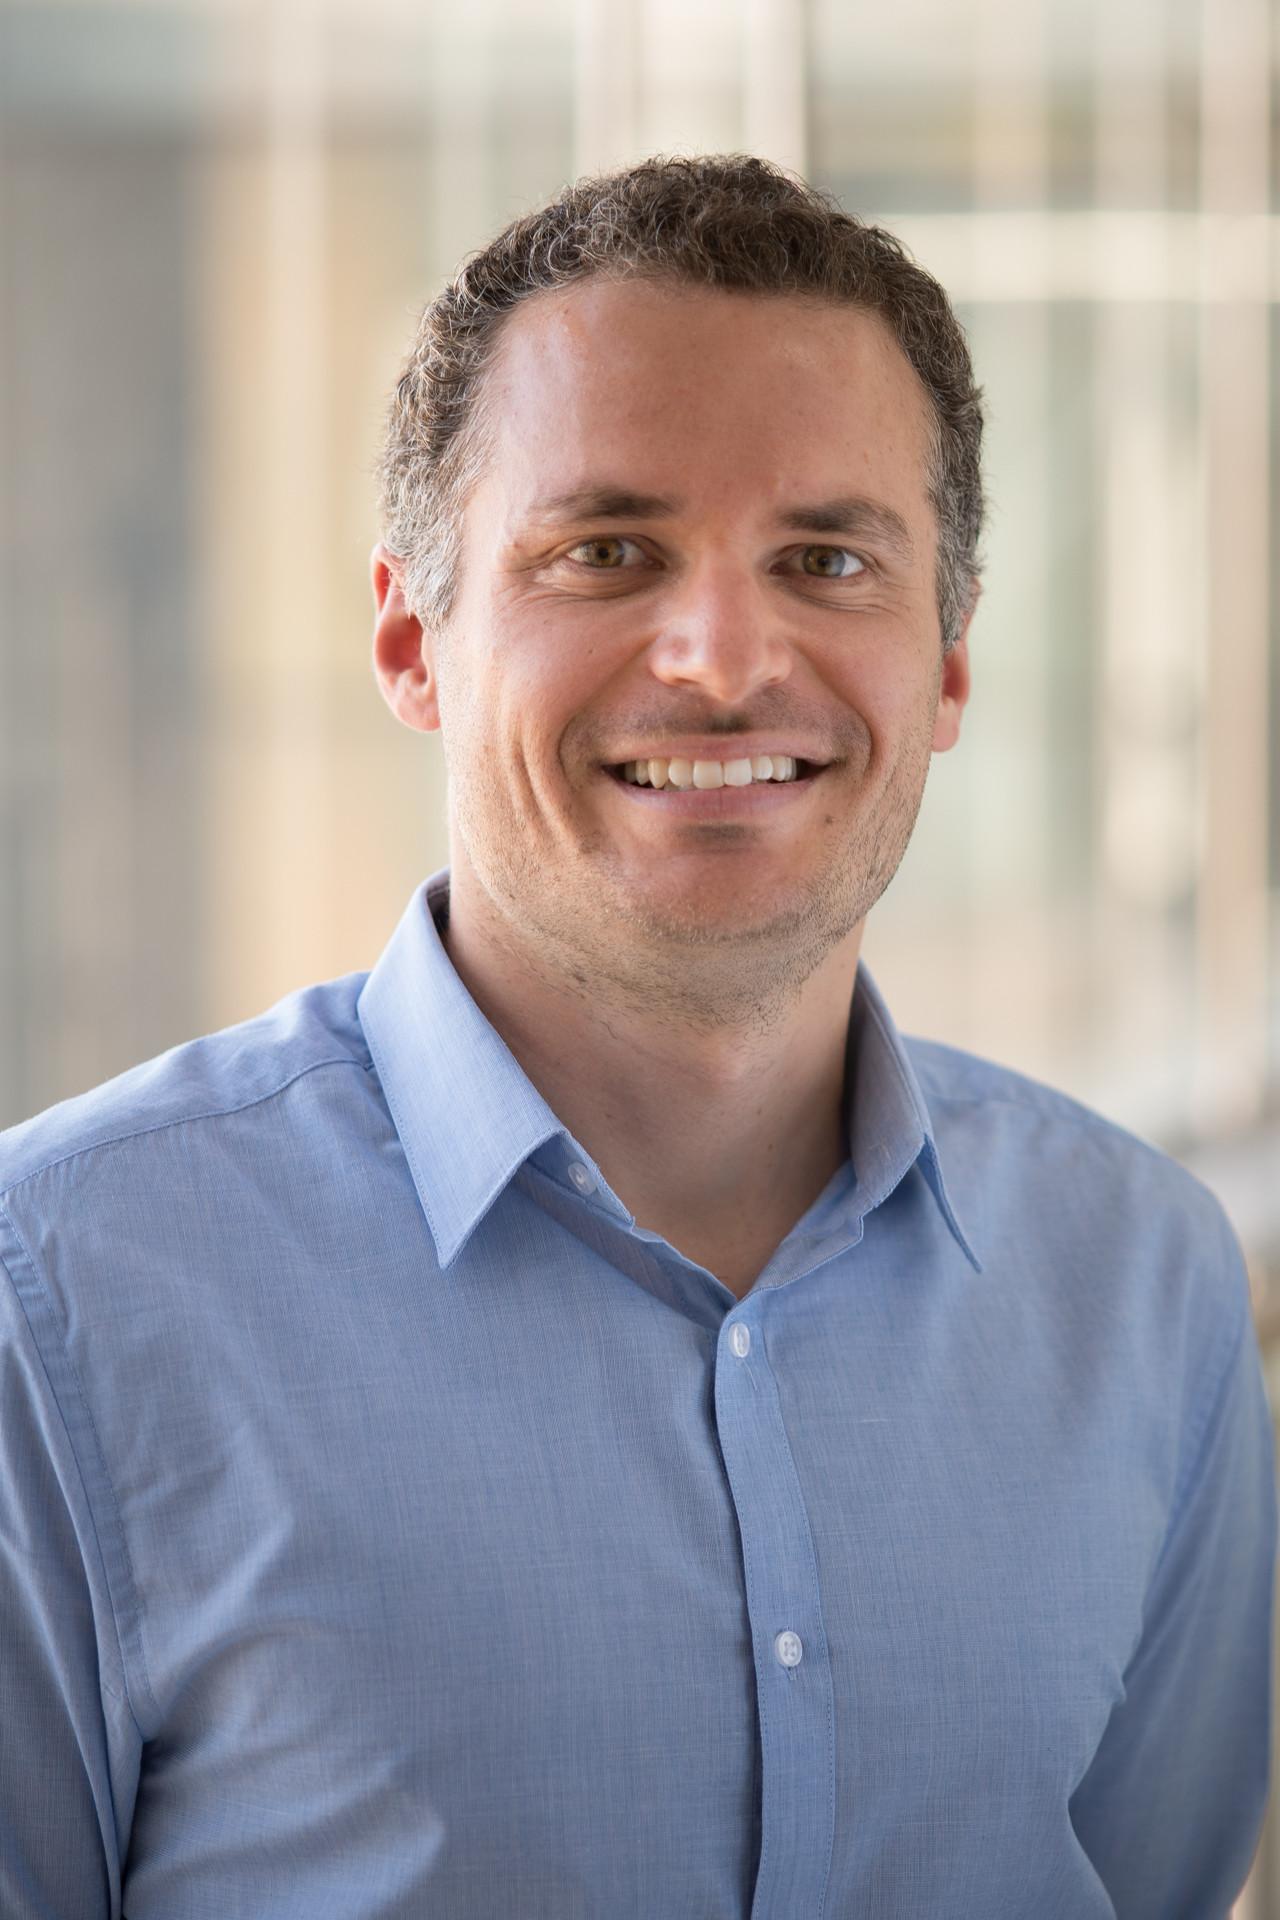 Dr Andrew Tilley